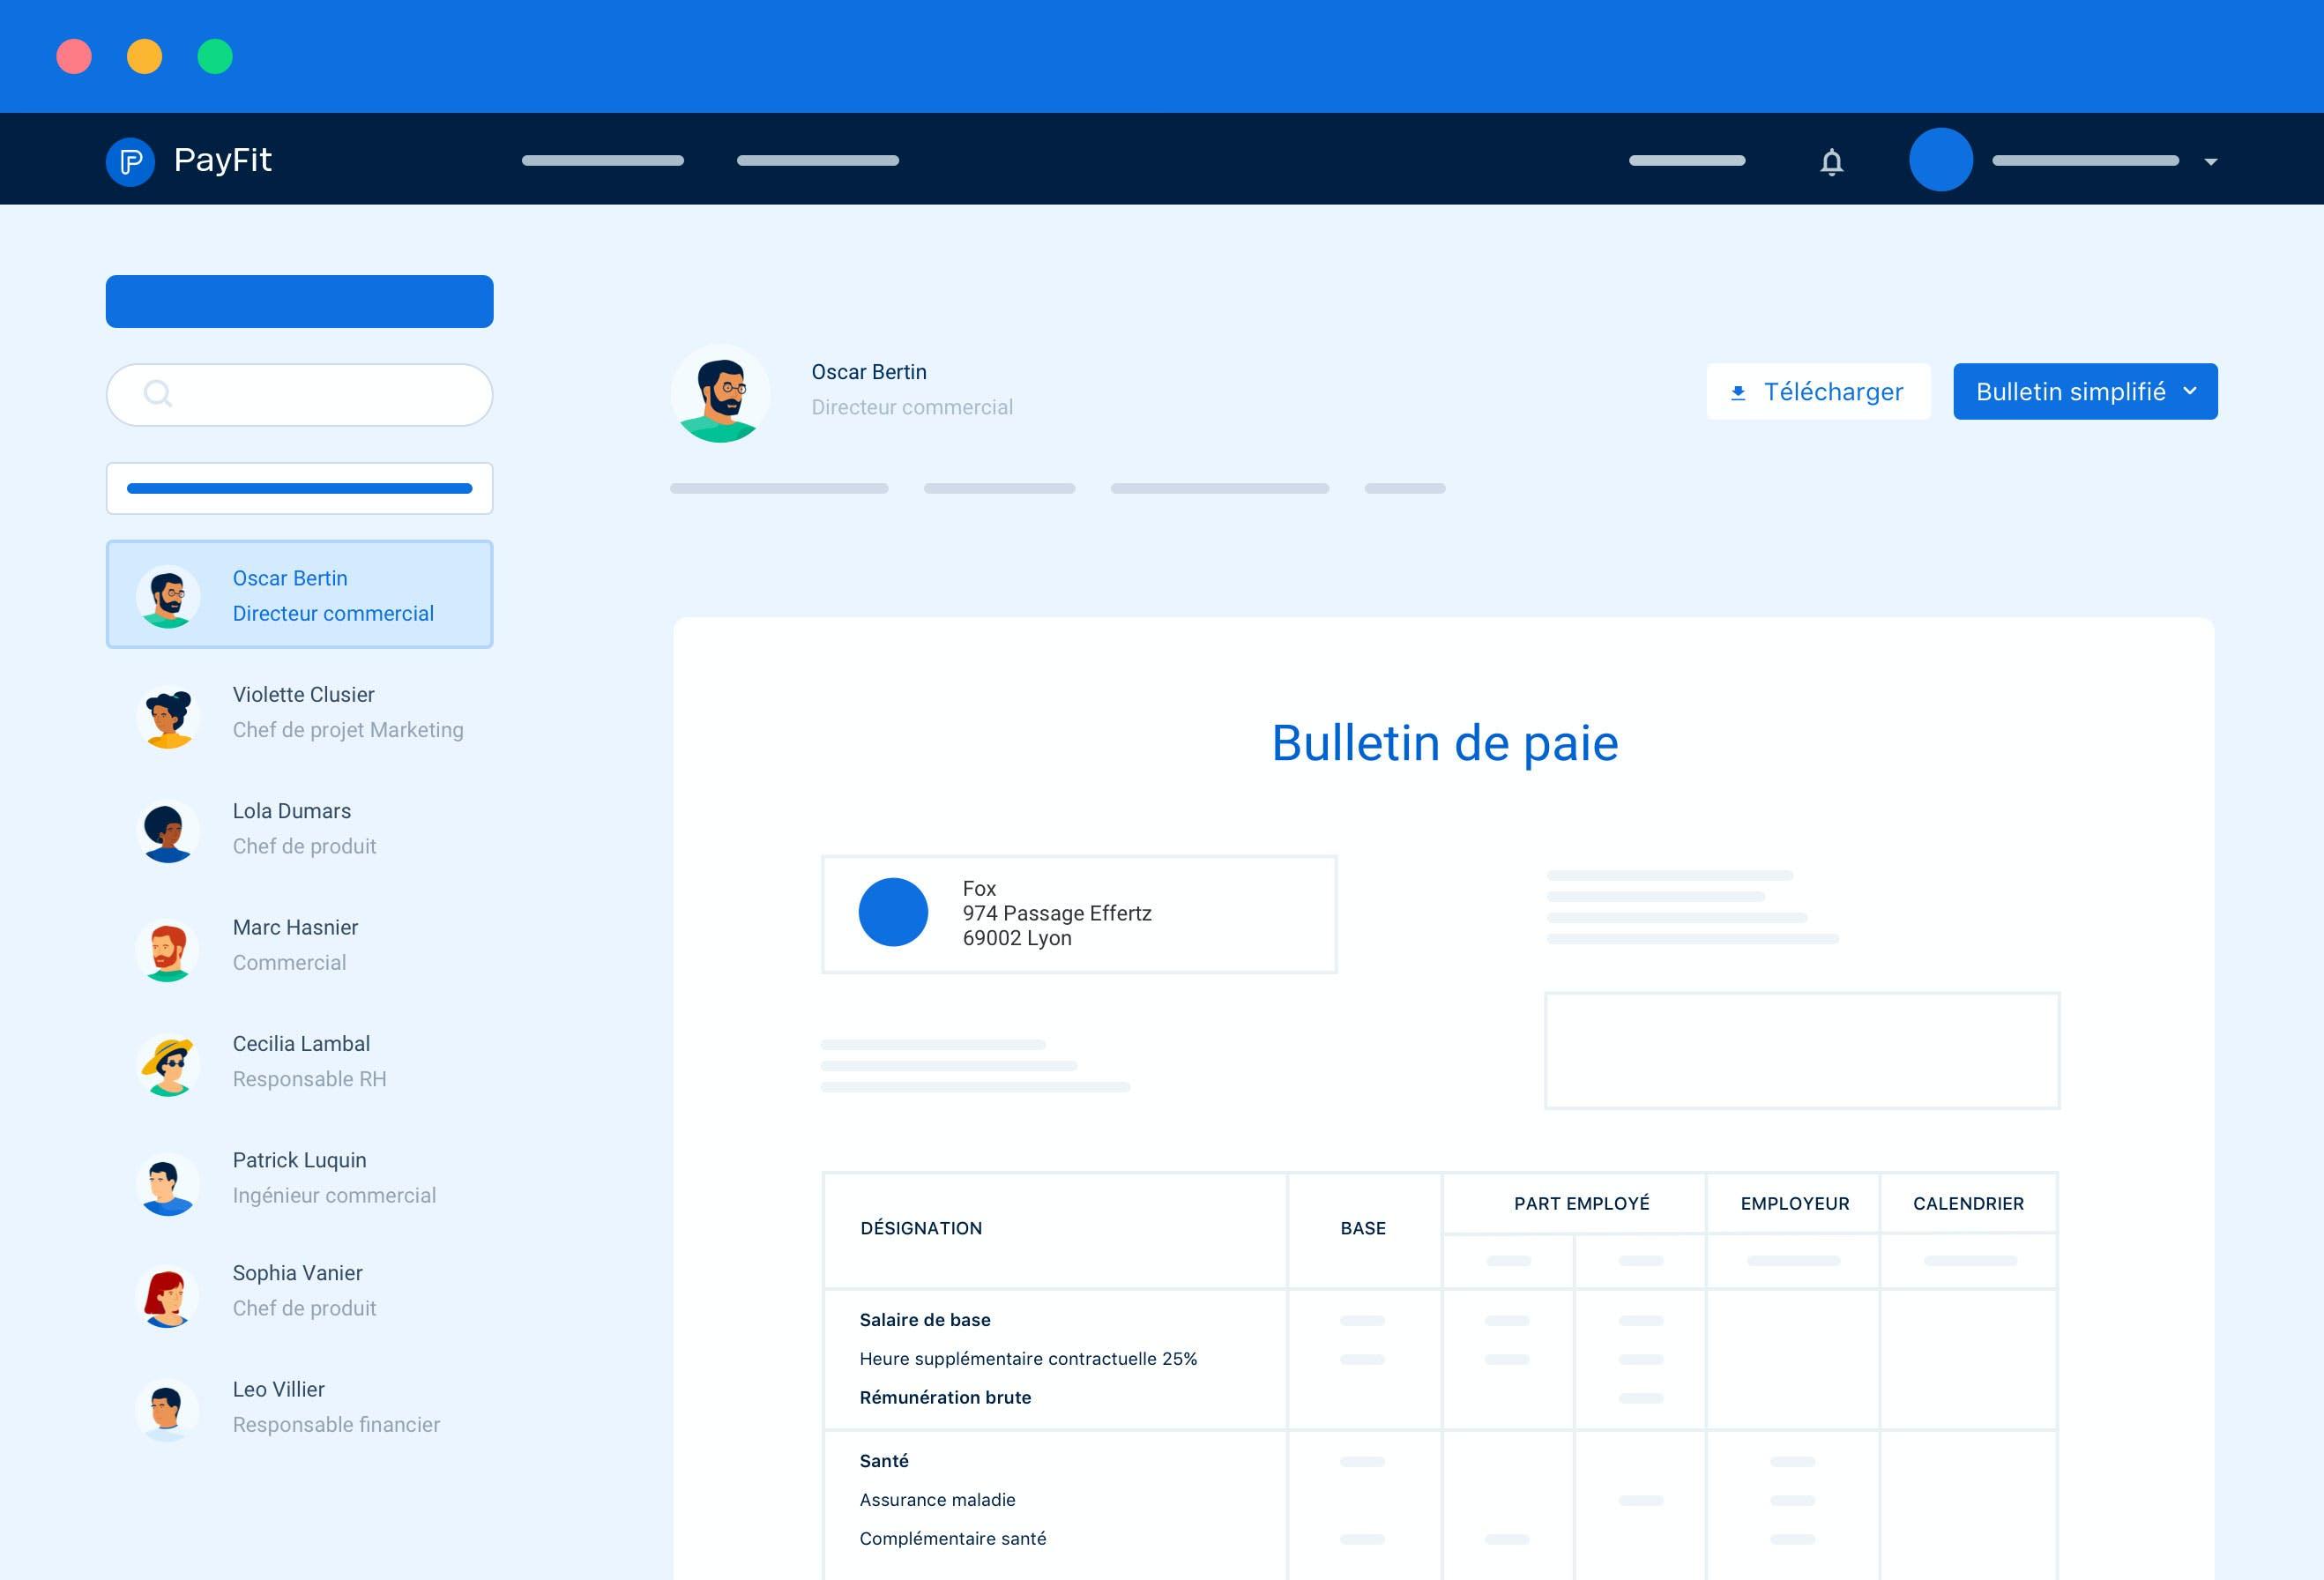 La gestion de la paie simple et automatisée